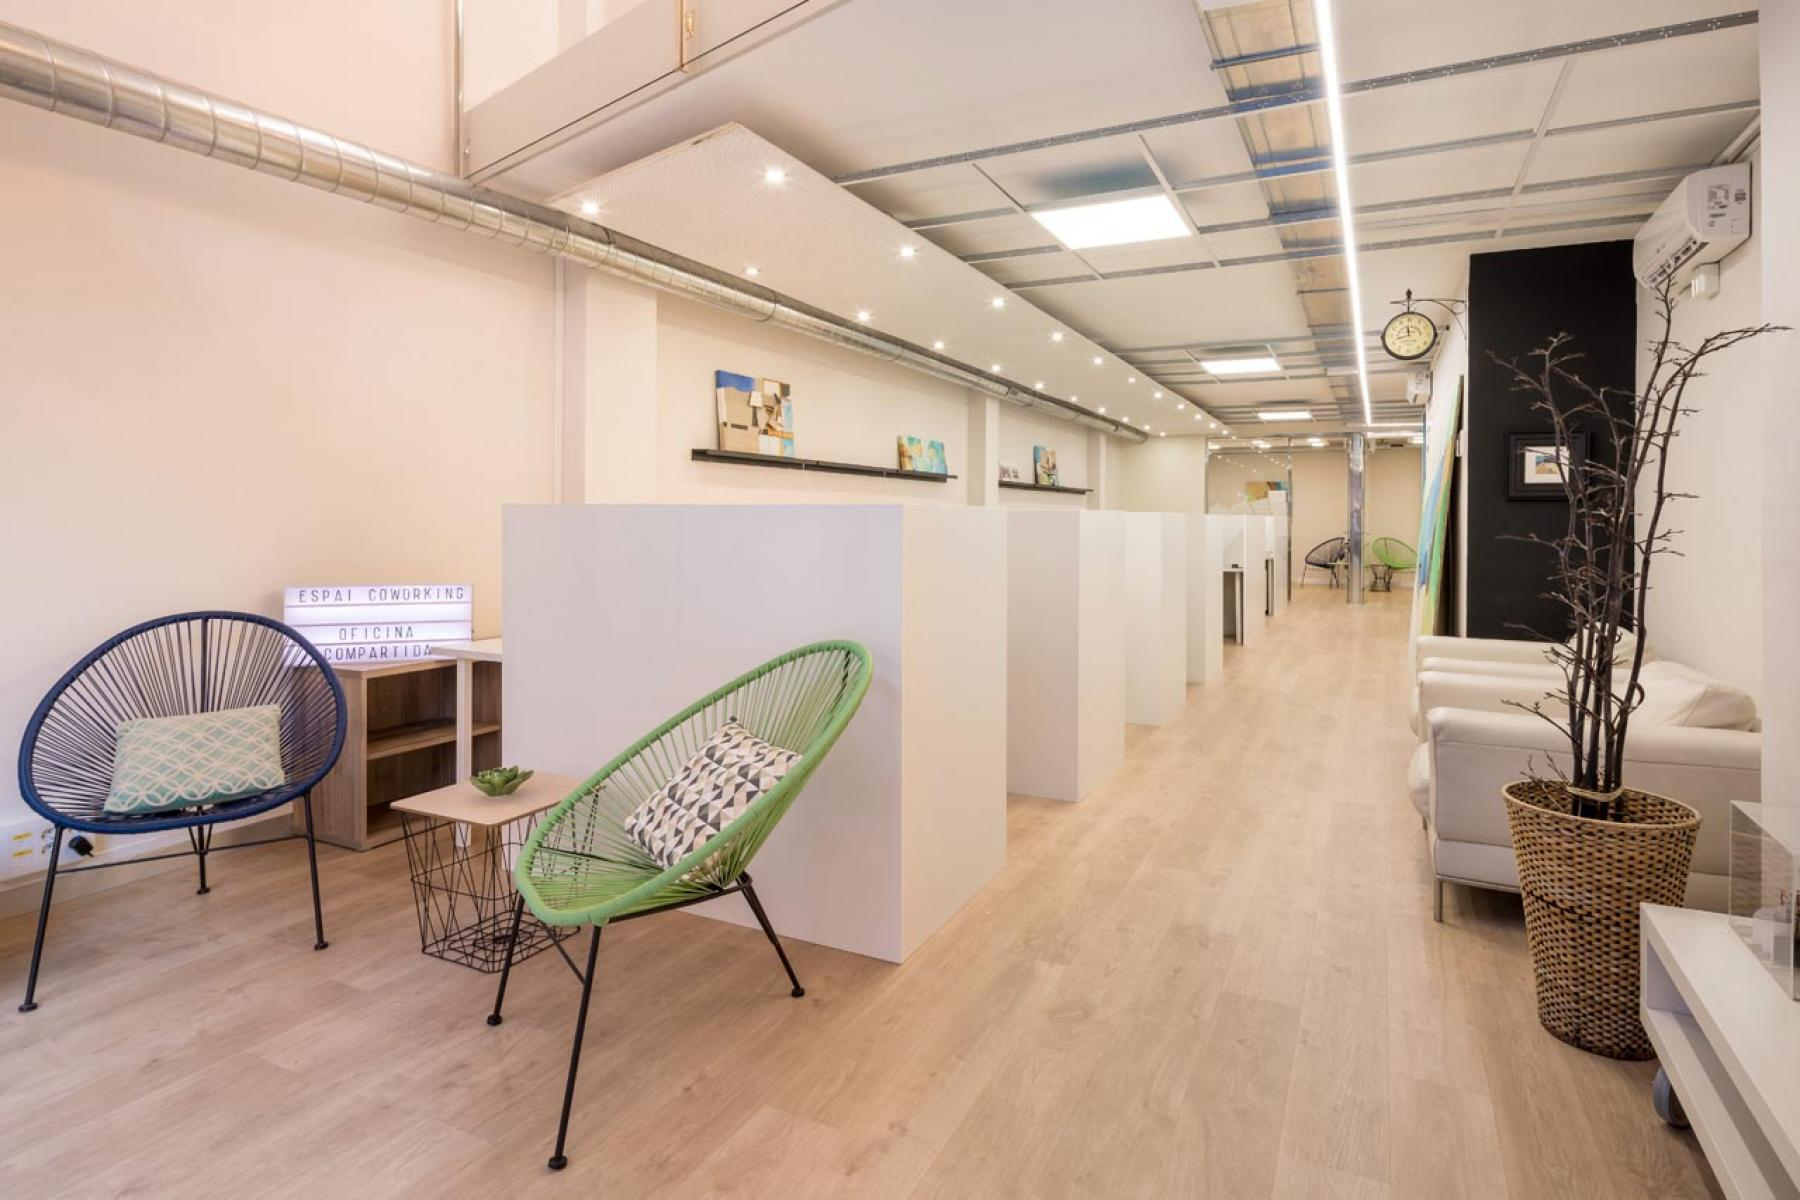 Alquilar oficinas Carrer Provença 555, Barcelona (2)